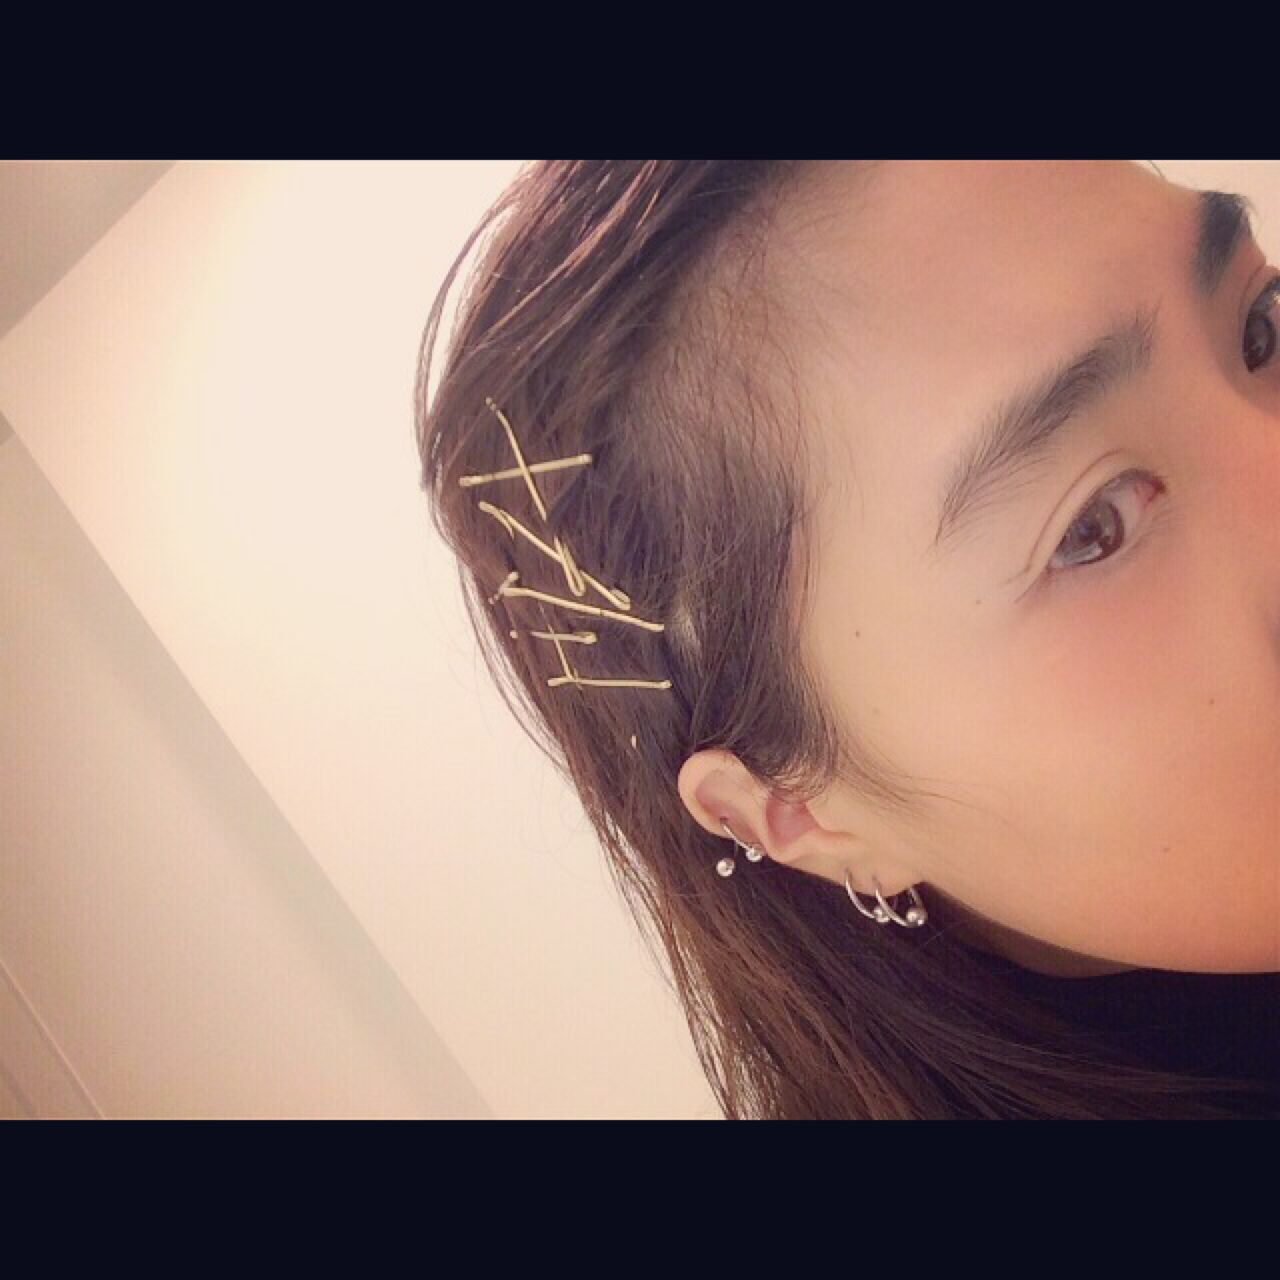 誰でもできる簡単アレンジ・ザクザクピンがかわいすぎ♡ asako / nanuk shibuya